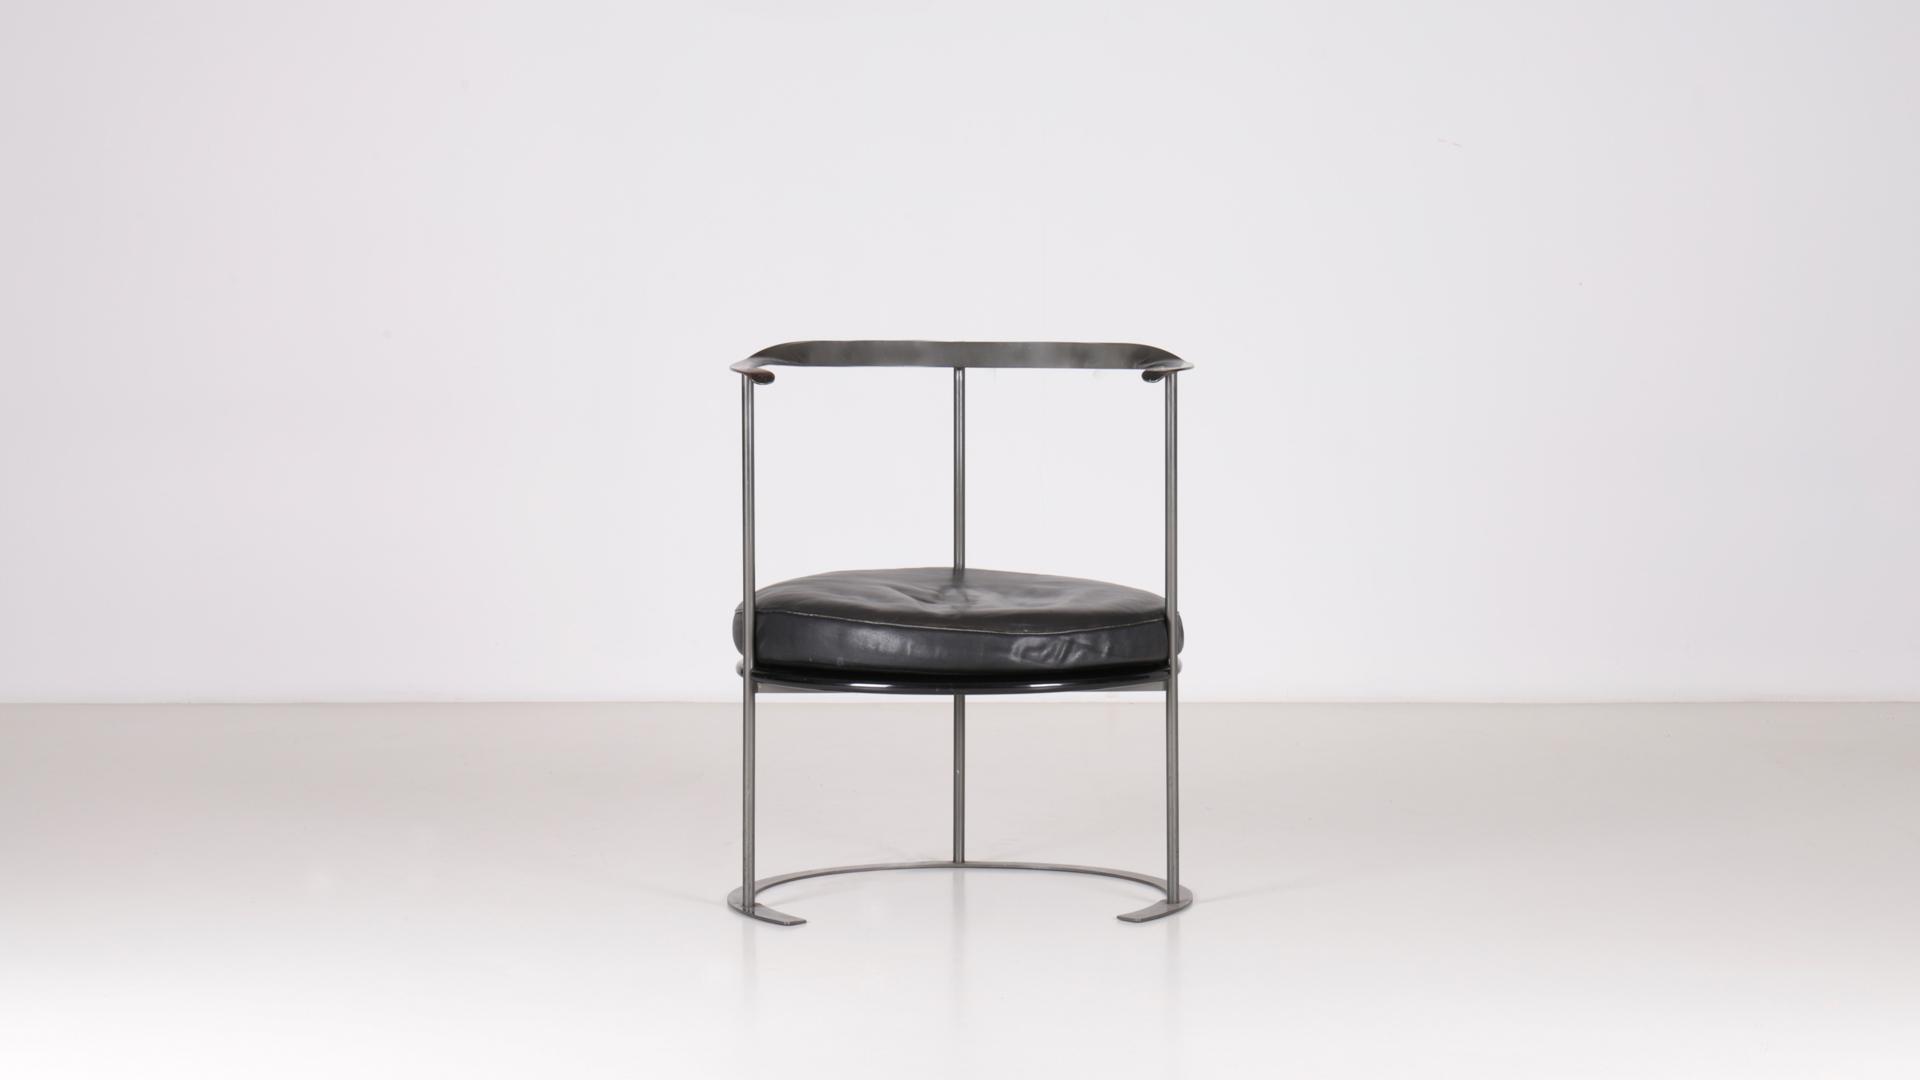 Catilina chair by Luigi Caccia Dominioni | Paradisoterrestre